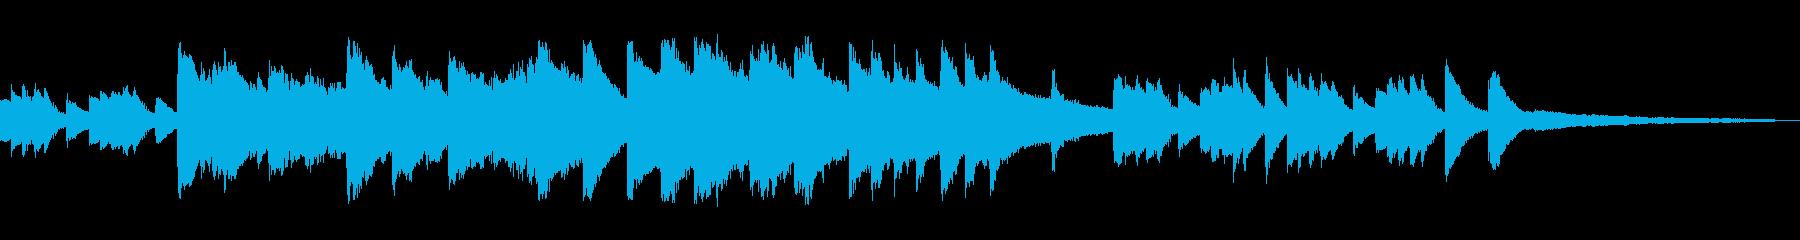 ピアノによる半インストの再生済みの波形